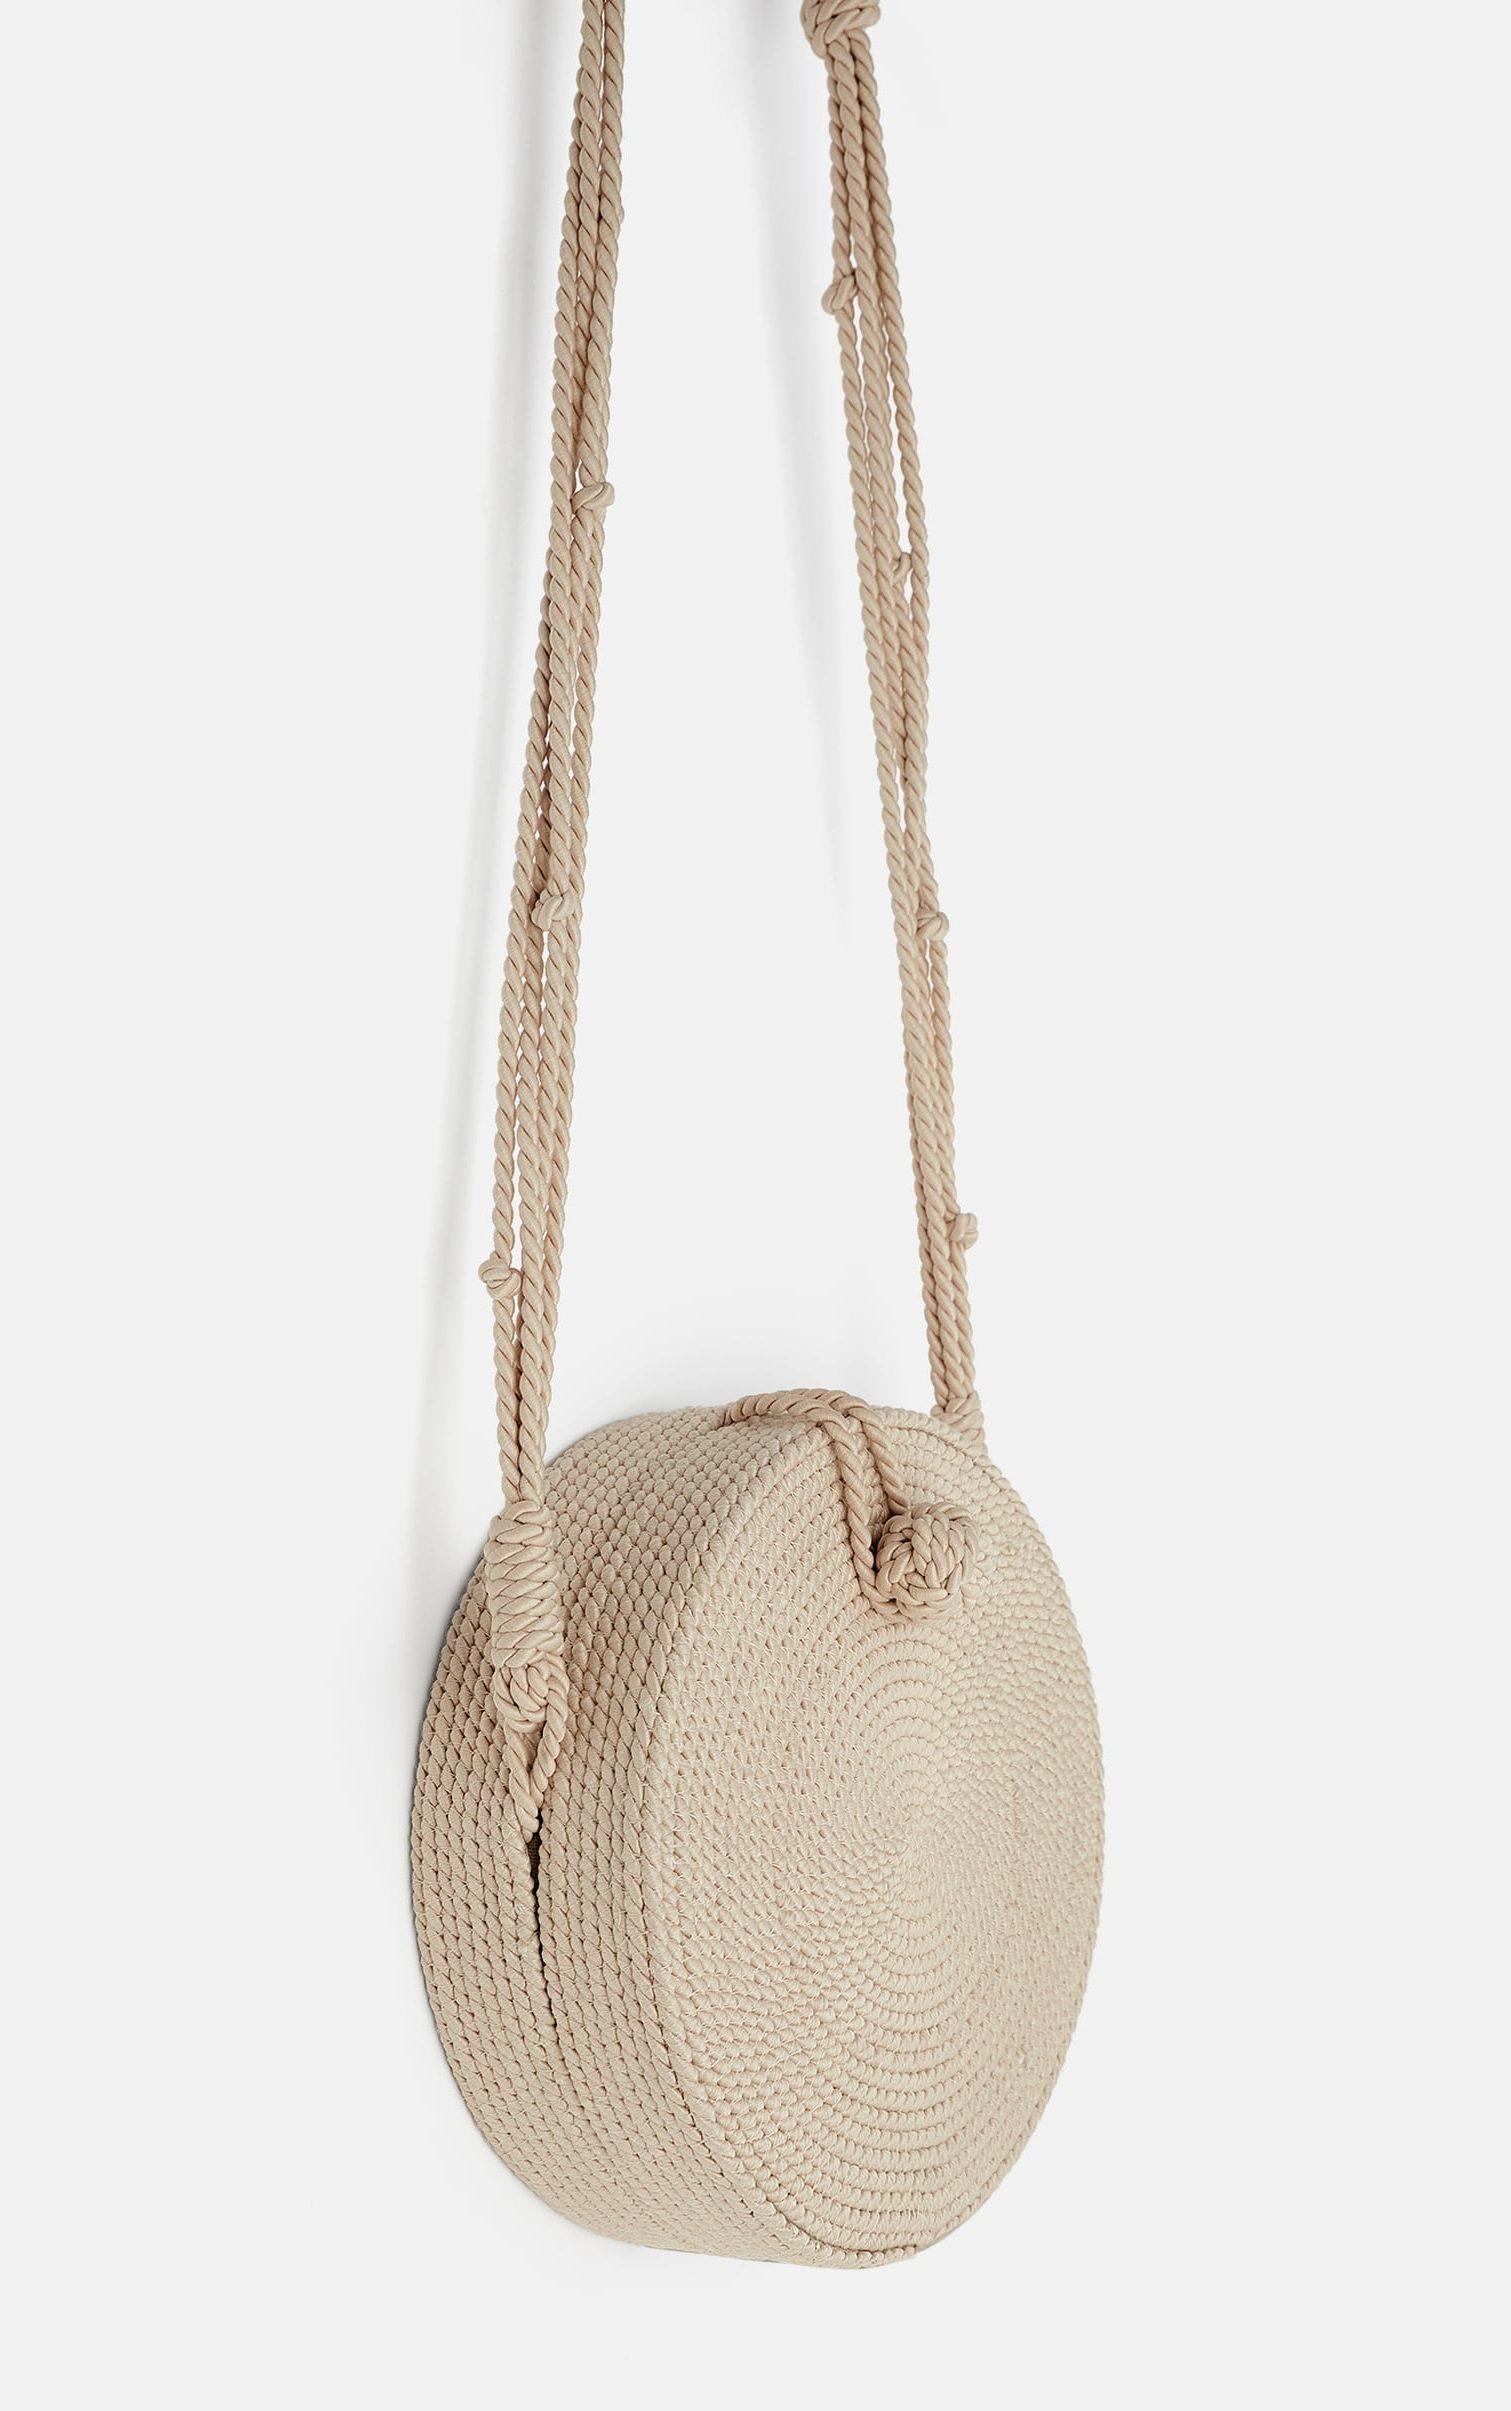 taske, skuldertaske, sommer, summer, outfit, look, accessories, flet, garn, crossover, bag